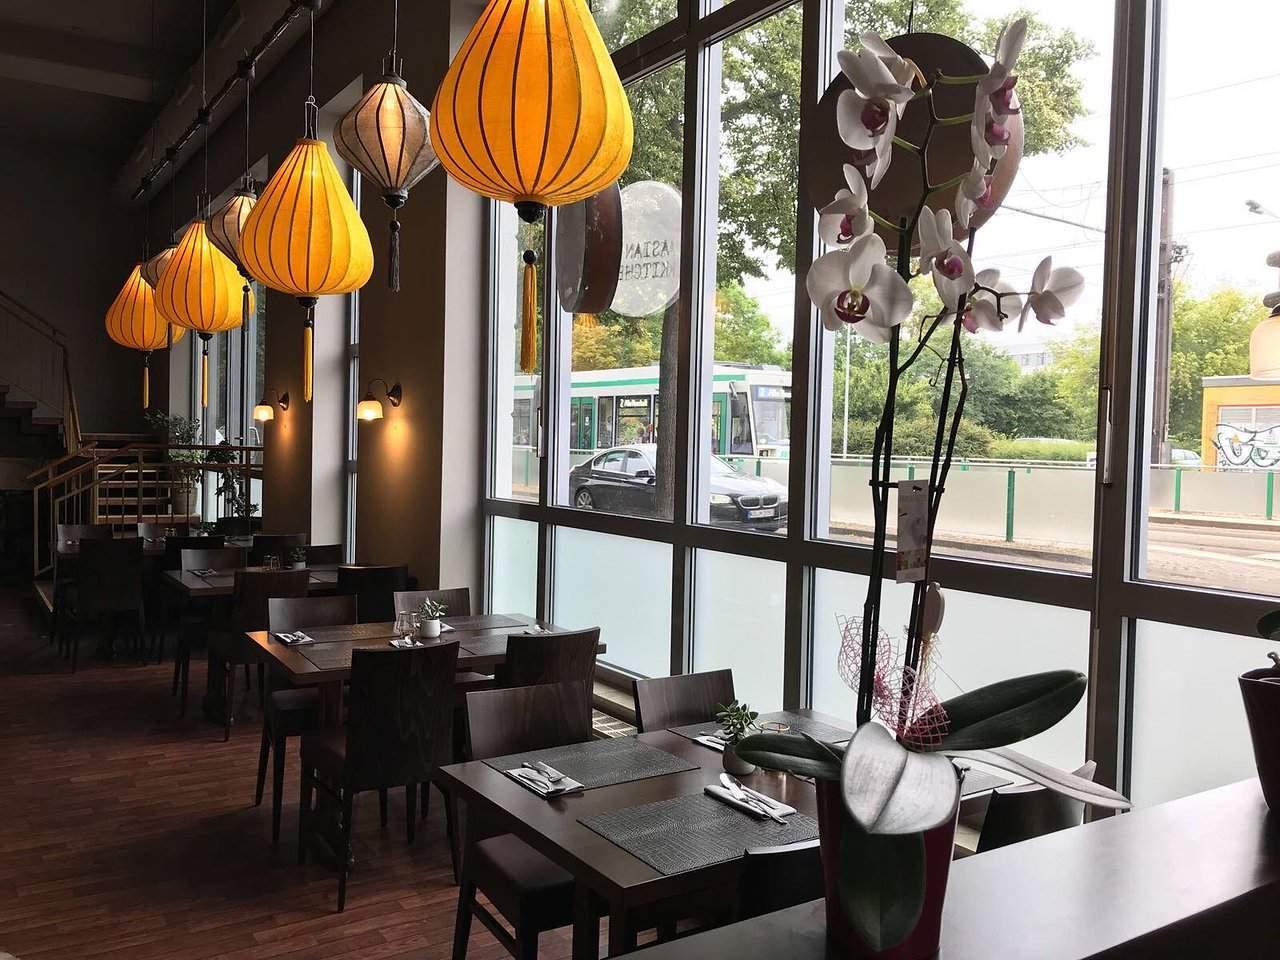 restaurant zoologischer garten inspirierend 5 besten vietnamesischen restaurants in magdeburg of restaurant zoologischer garten